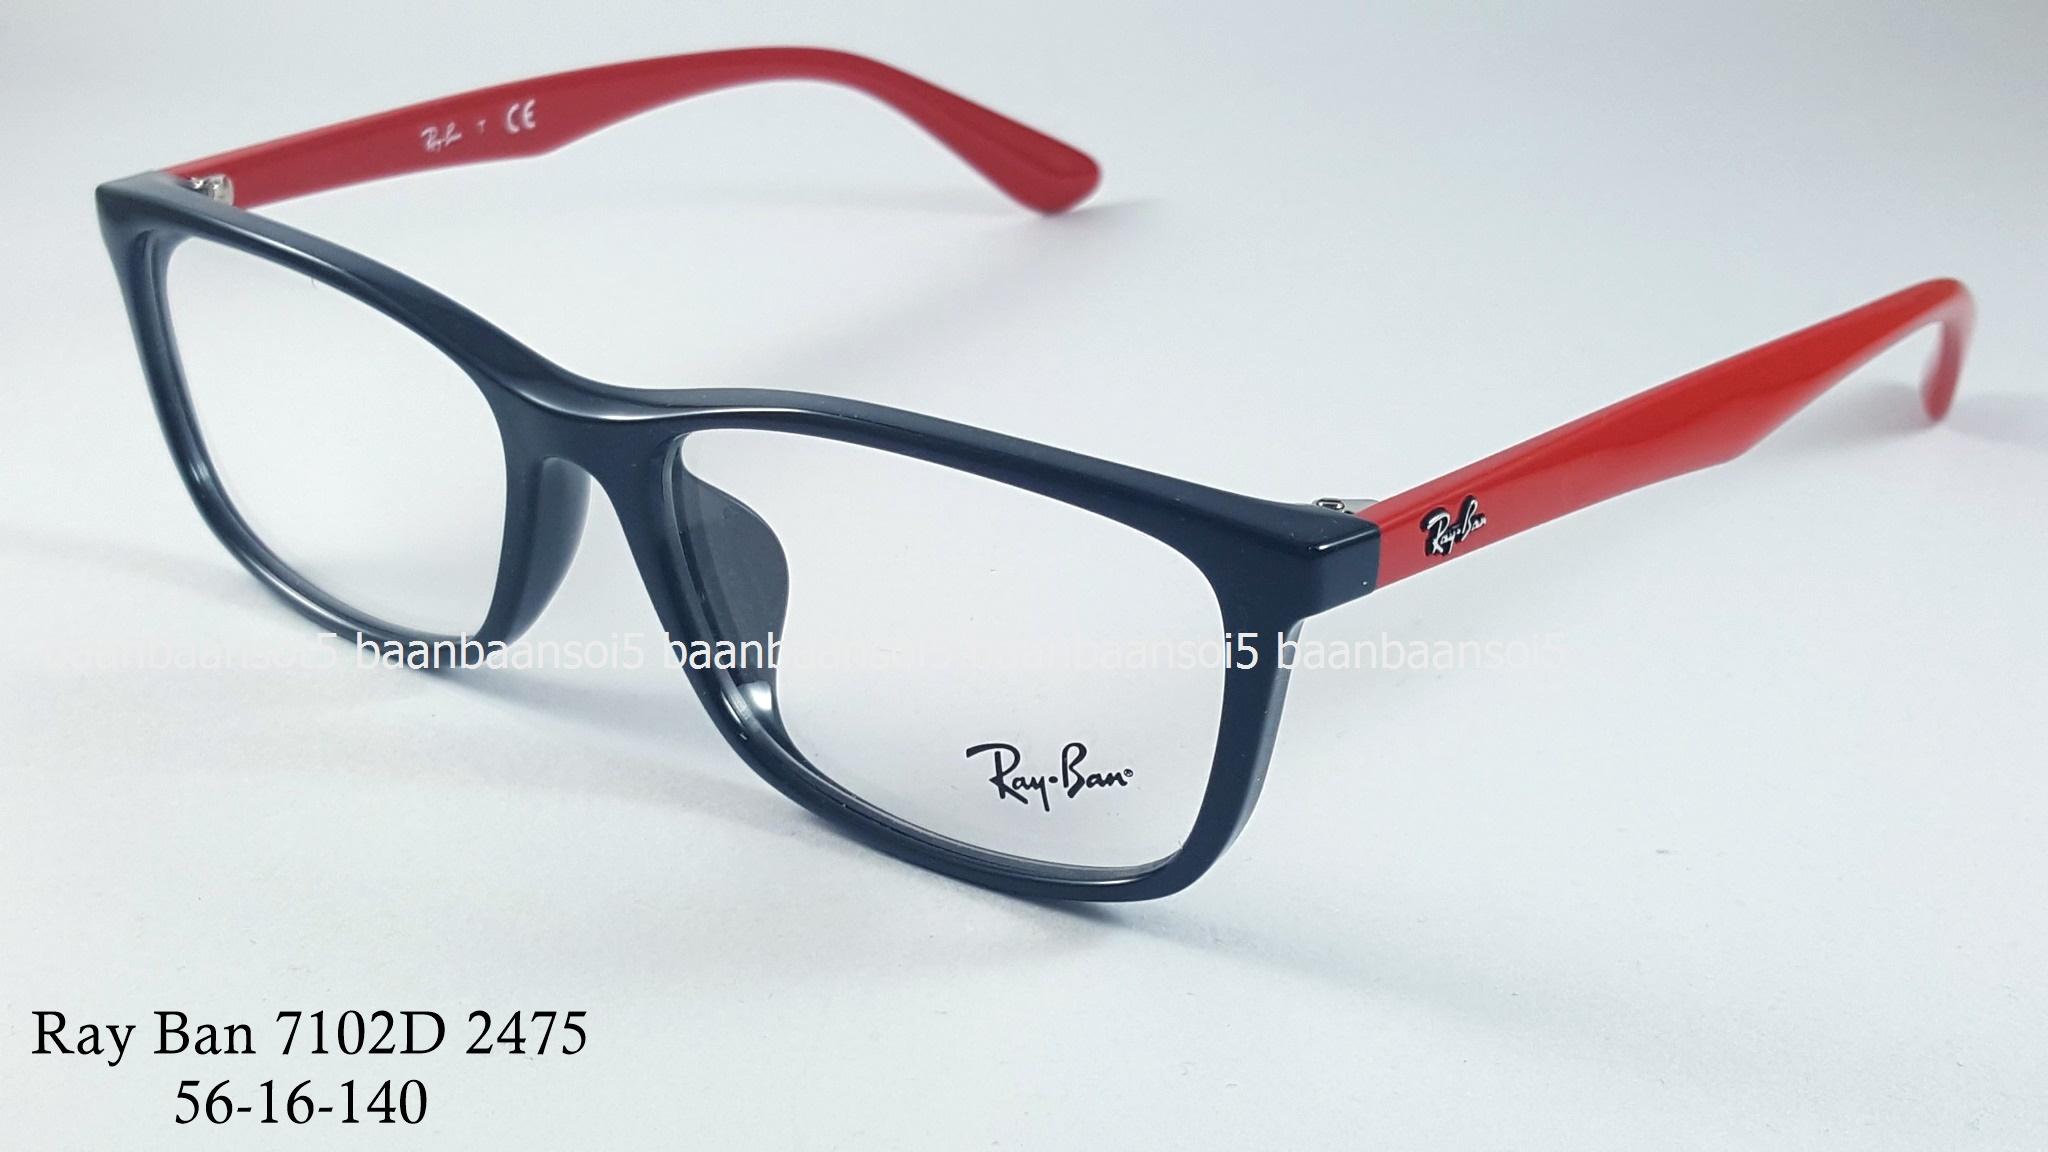 Rayban RX 7102D 2475 โปรโมชั่น กรอบแว่นตาพร้อมเลนส์ HOYA ราคา 2,900 บาท